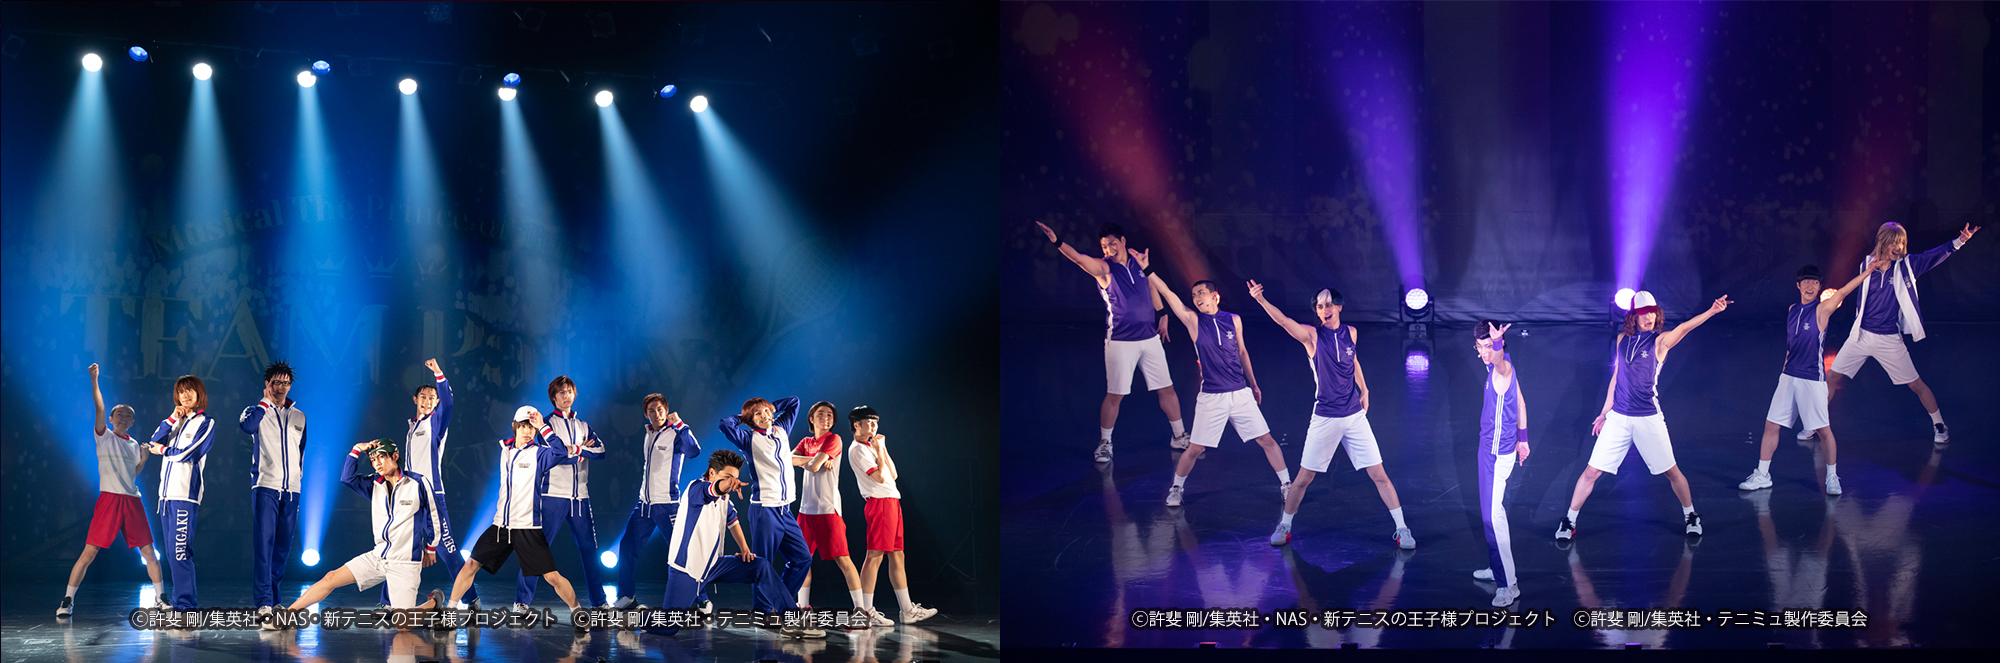 (左)TEAM Party SEIGAKU より(右) TEAM Party HIGA より (c)許斐 剛/集英社・NAS・新テニスの王子様プロジェクト  (c)許斐 剛/集英社・テニミュ製作委員会